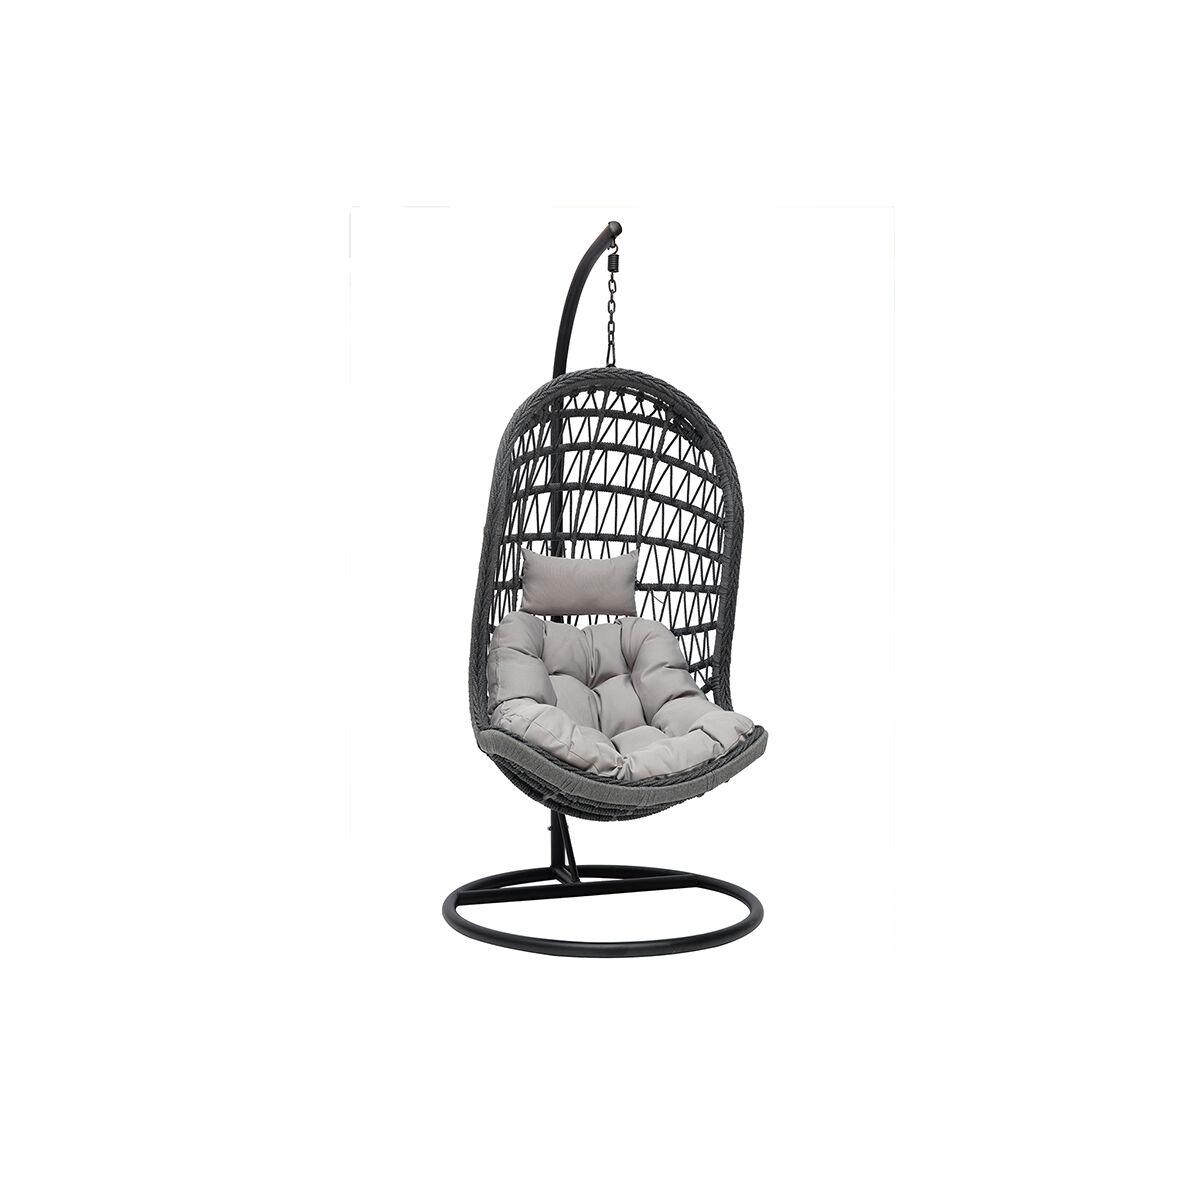 Miliboo Fauteuil suspendu intérieur/extérieur en corde grise et métal BAIA